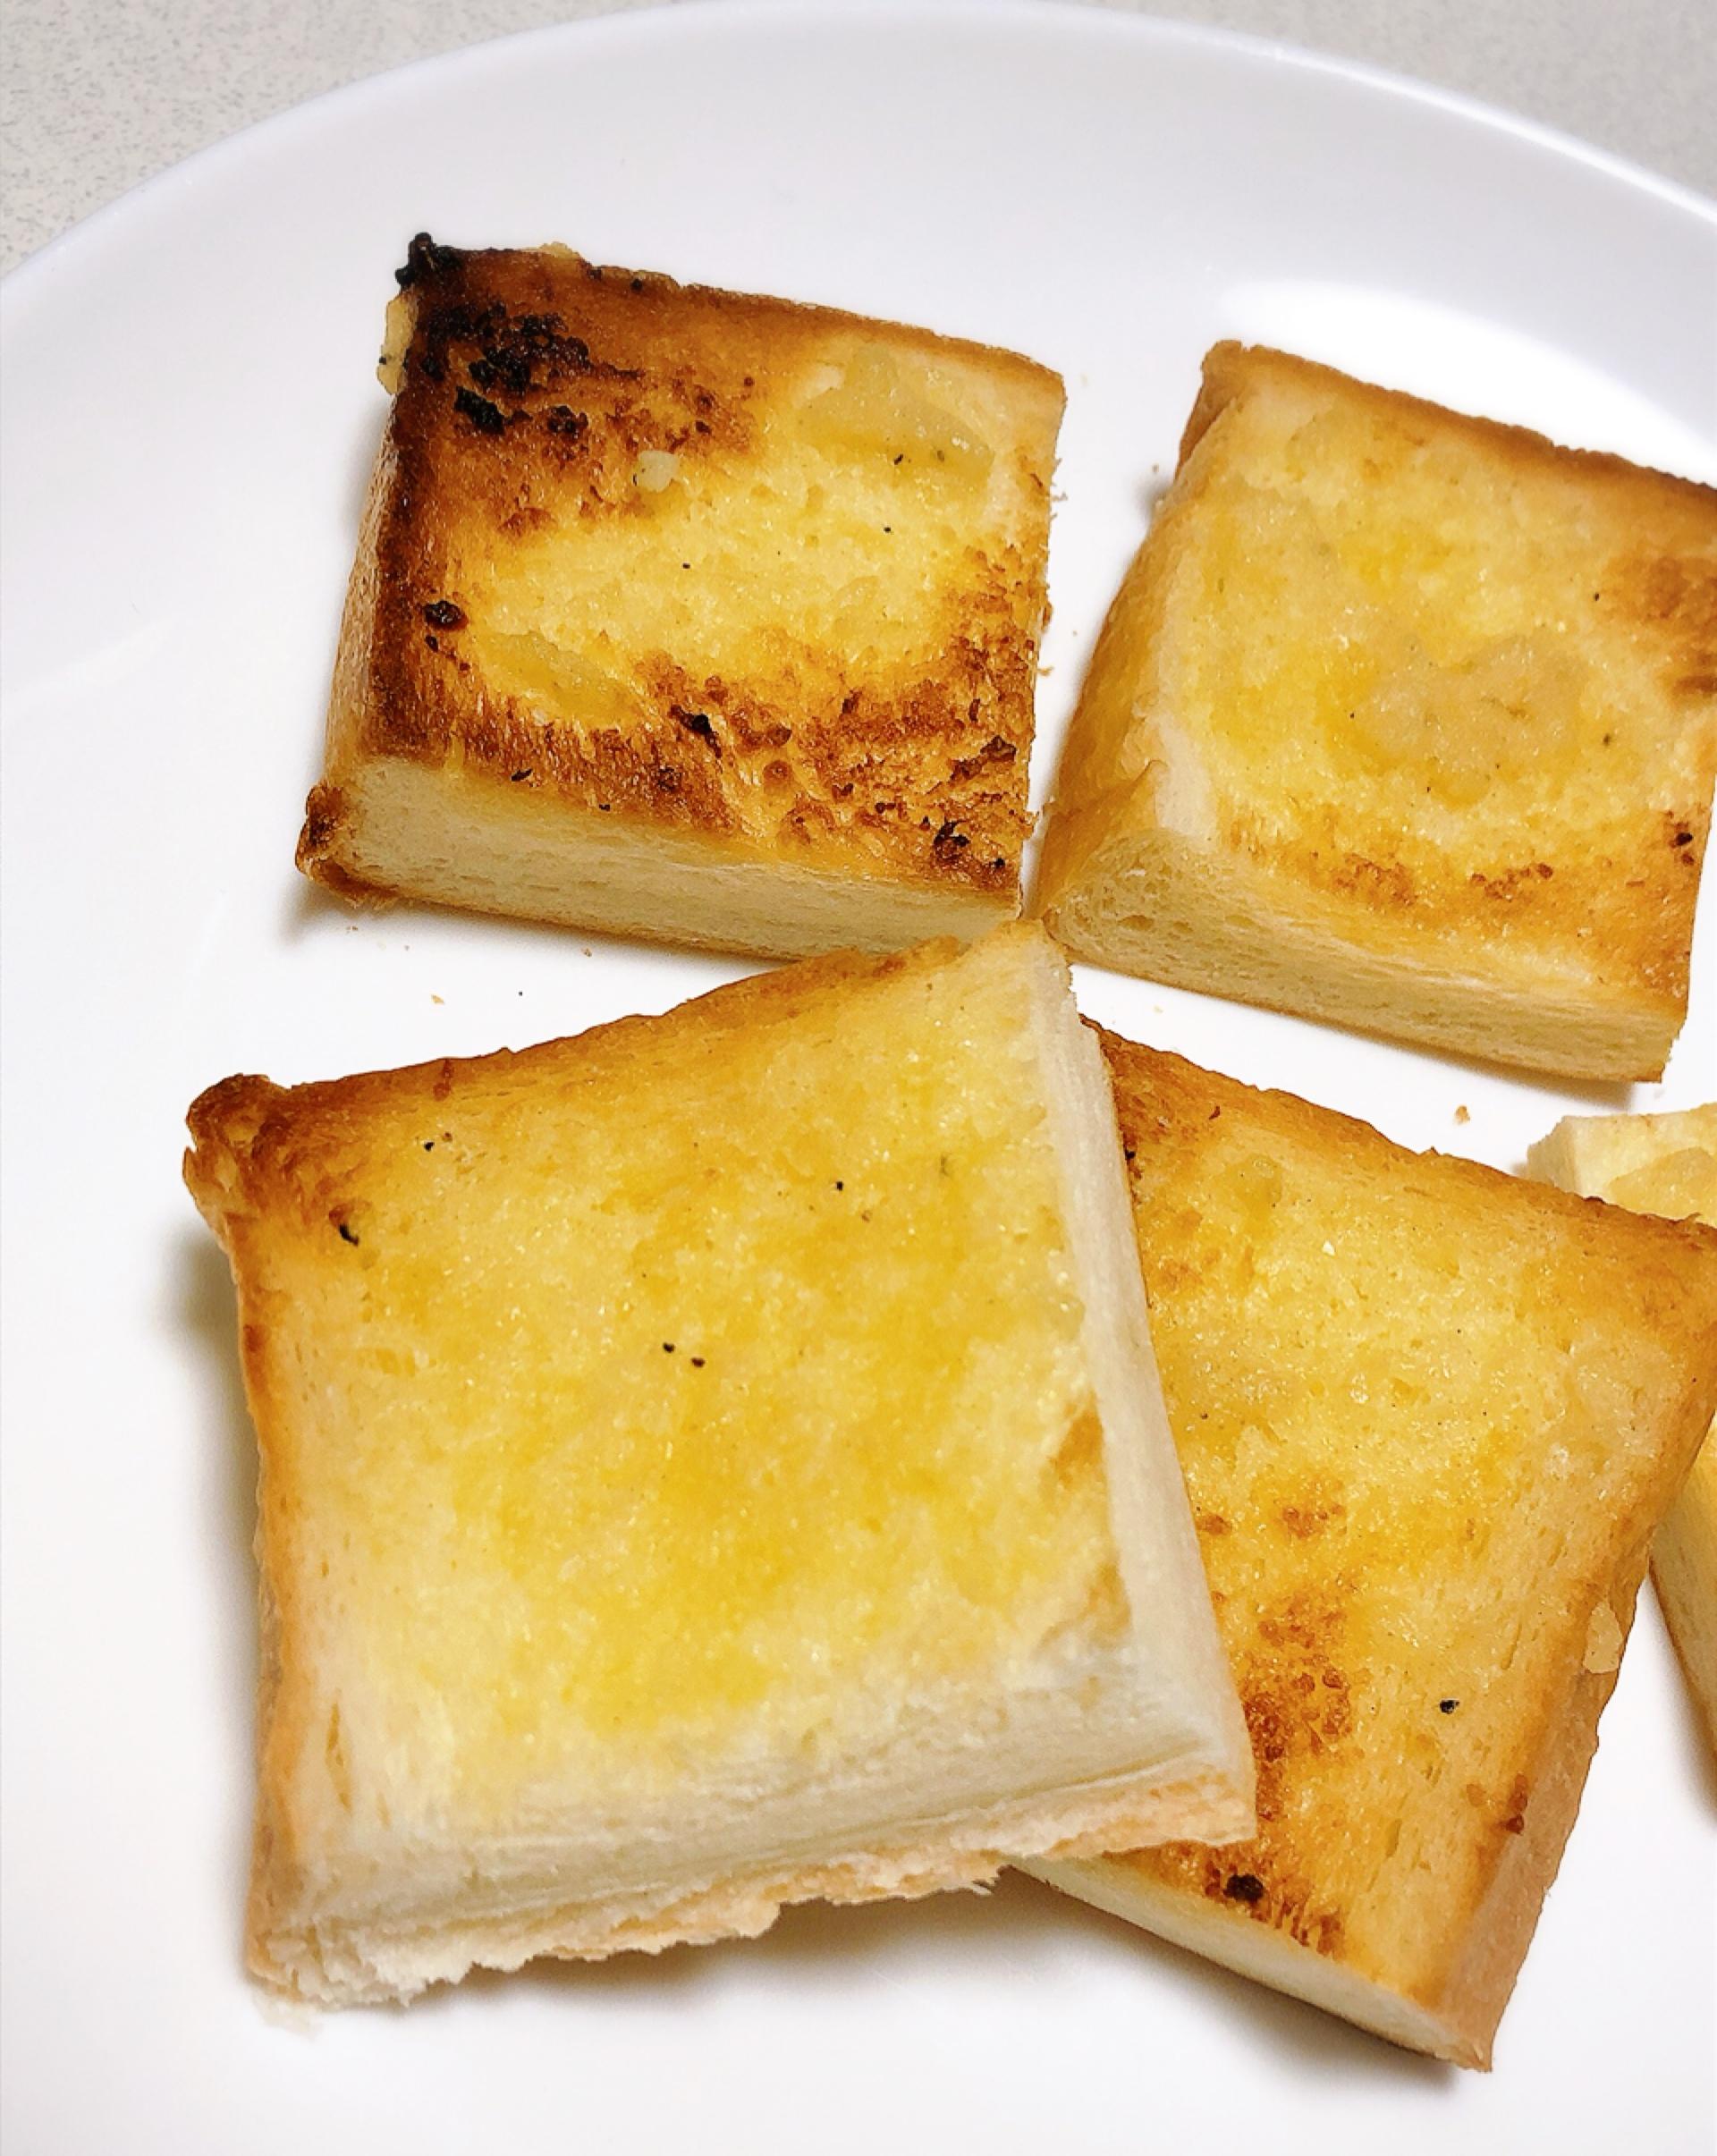 【乃が美】全国151店舗!そのまま食べても美味しい高級生食パン*おうちで絶品フレンチトーストにアレンジ( ´ ▽ ` )♡_6